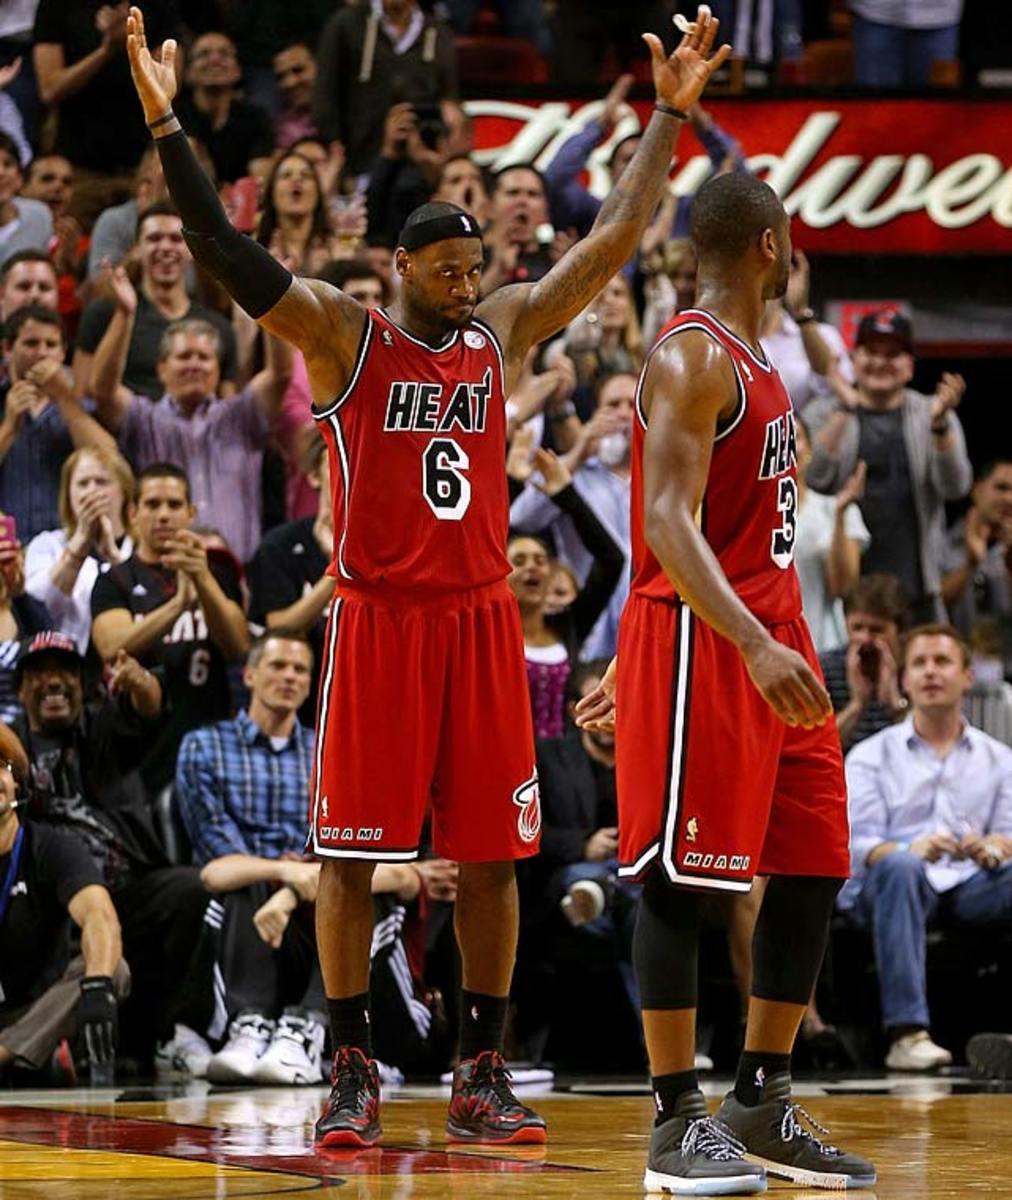 Heat 141, Kings 129 (2 OT)